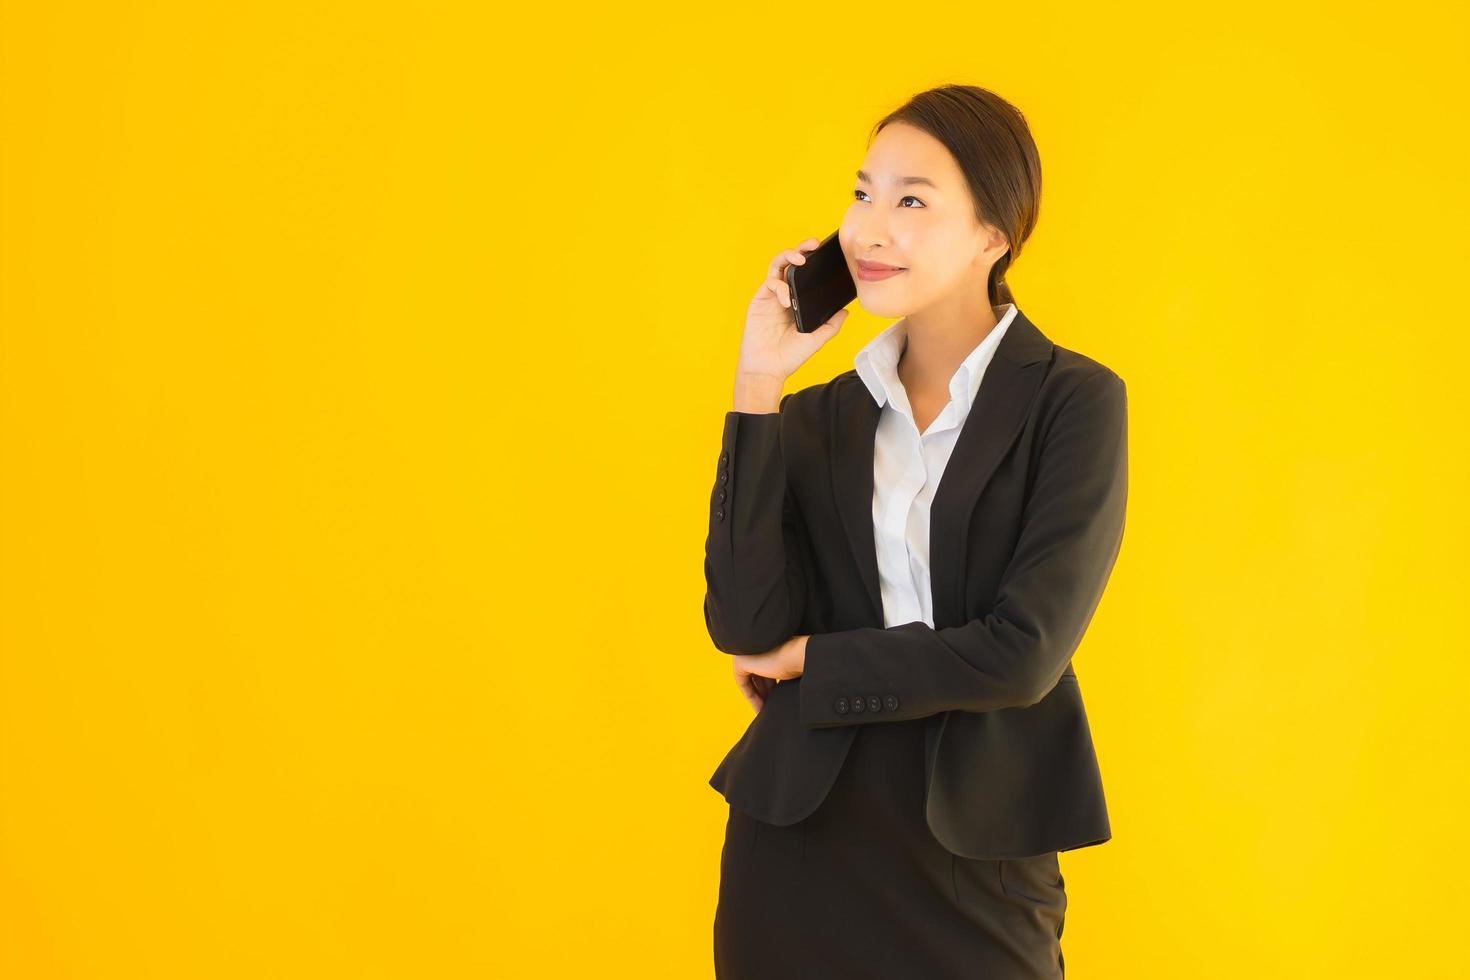 femme d & # 39; affaires au téléphone photo